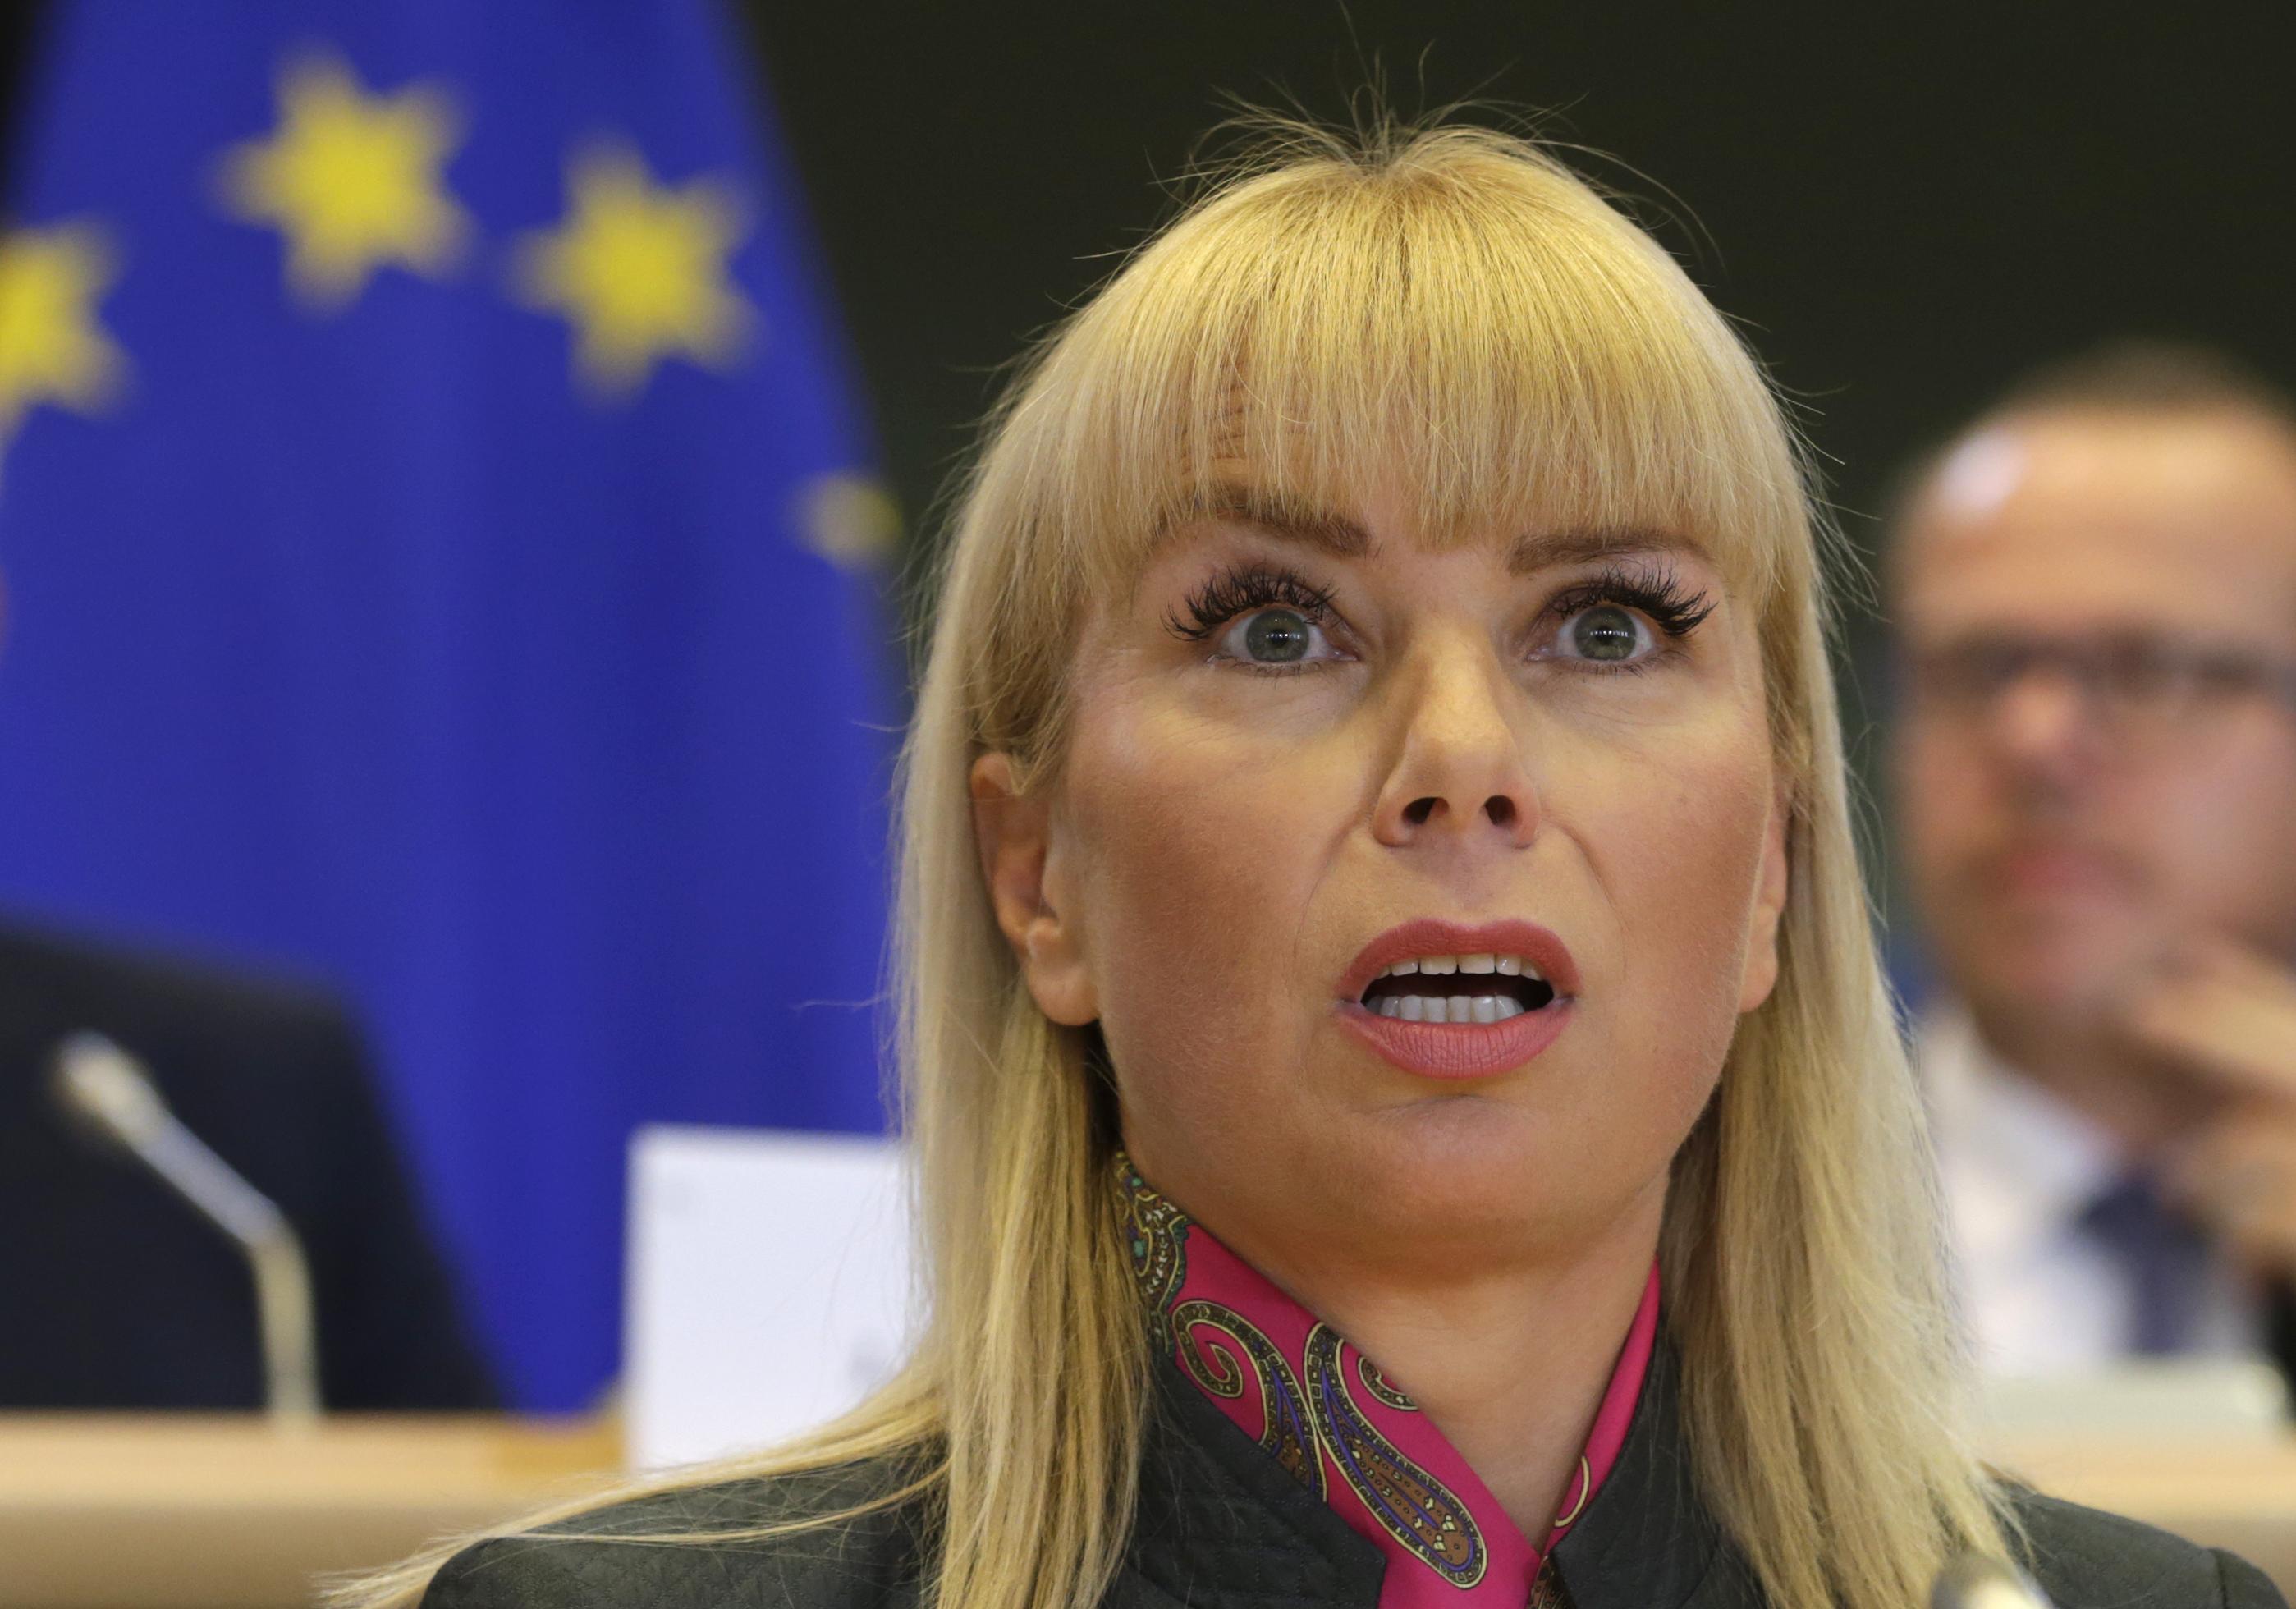 Elzbieta Bienkowská